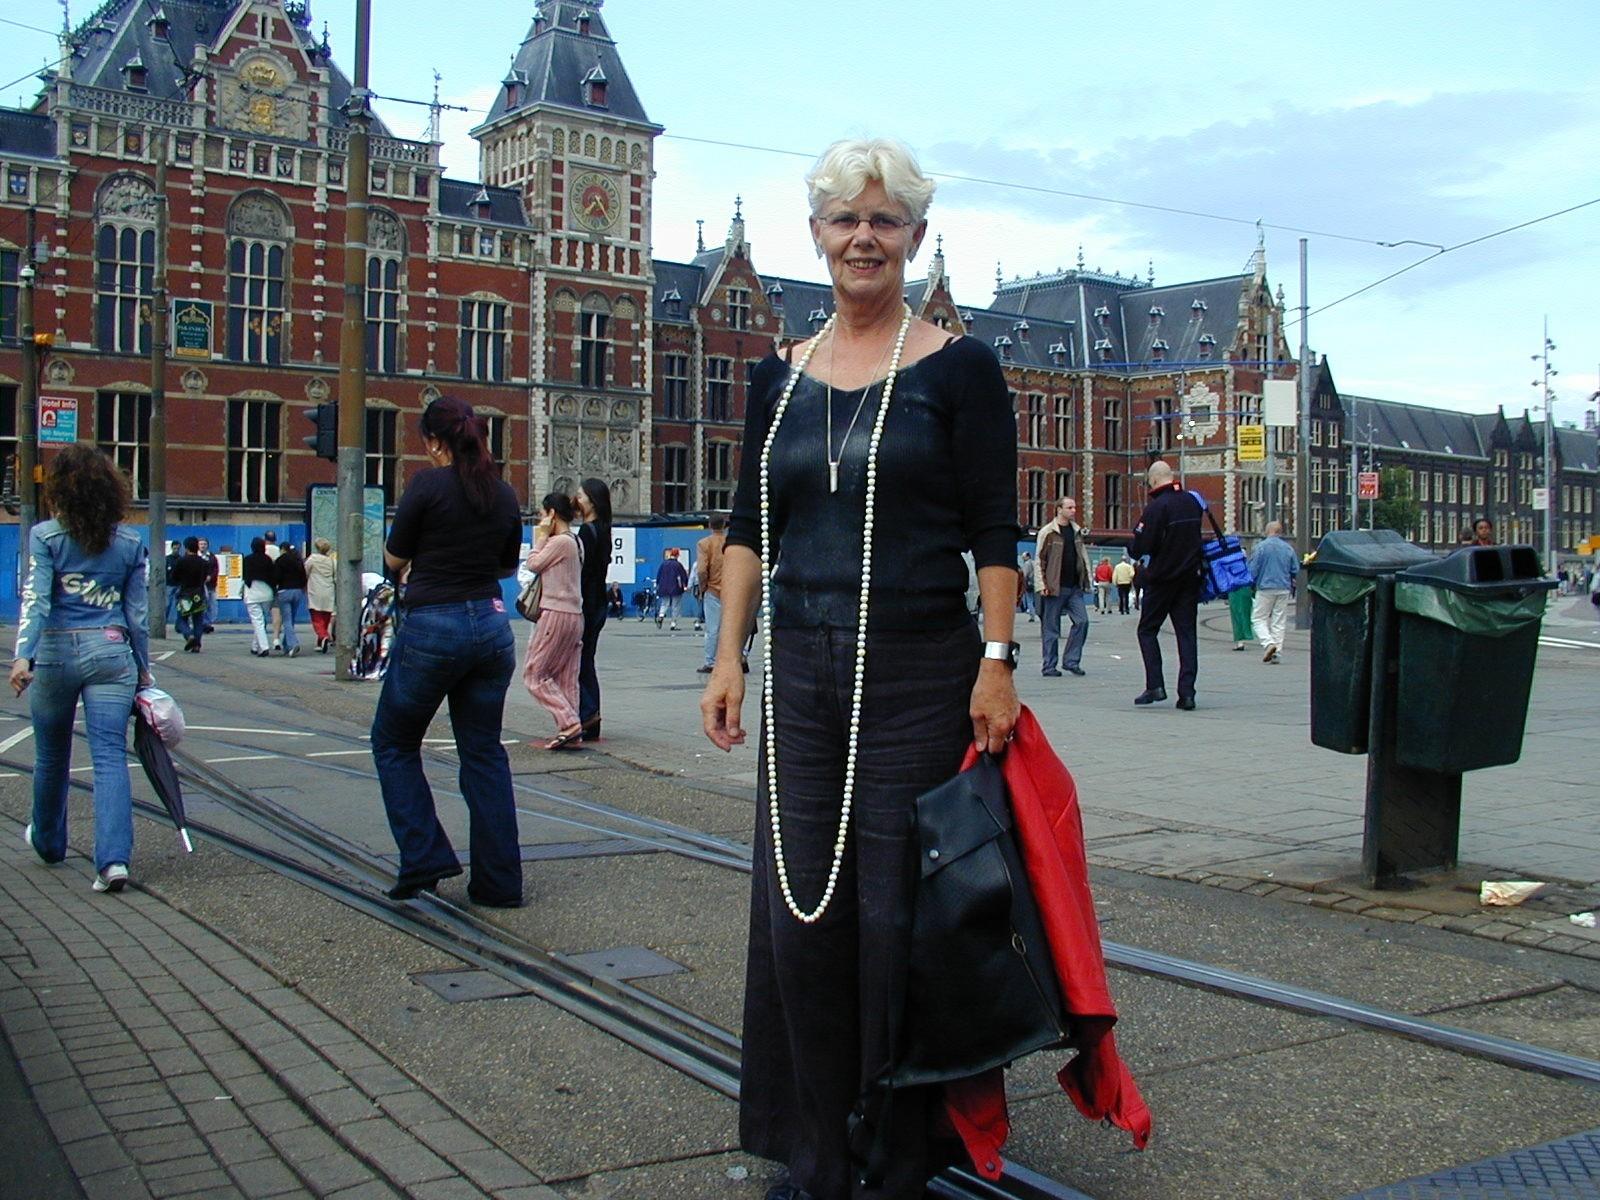 Claartje Keur, Zelfportret met halssieraden van Dinie Besems, Amsterdam, Stationsplein. Foto Claartje Keur, Krijtjes Ketting